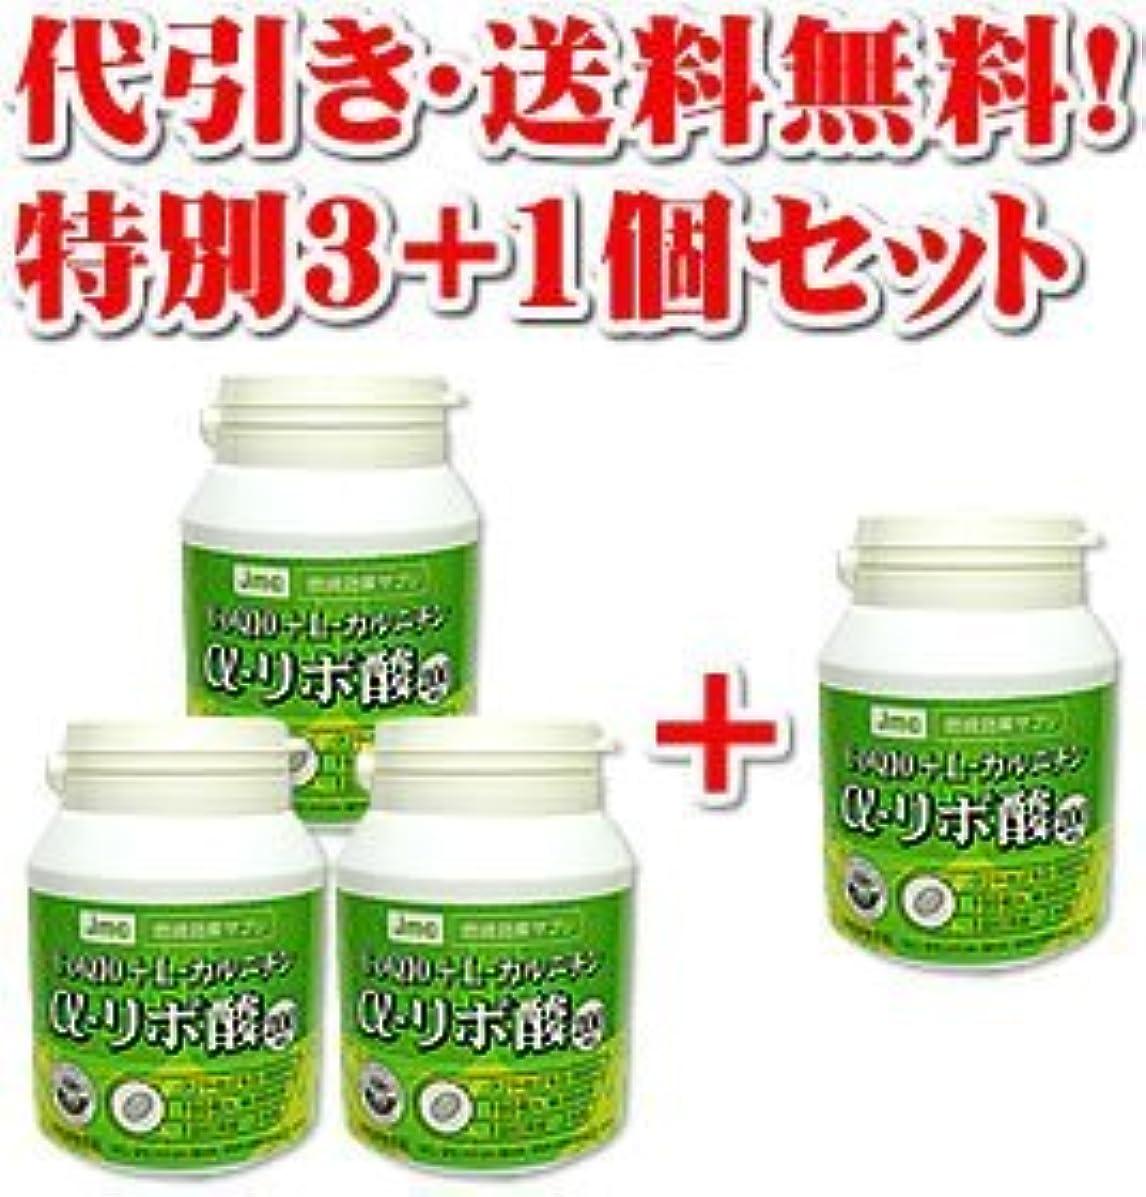 不誠実農奴マッシュα-リポ酸200mg(ダイエットの4大成分を1粒に凝縮)4個セット